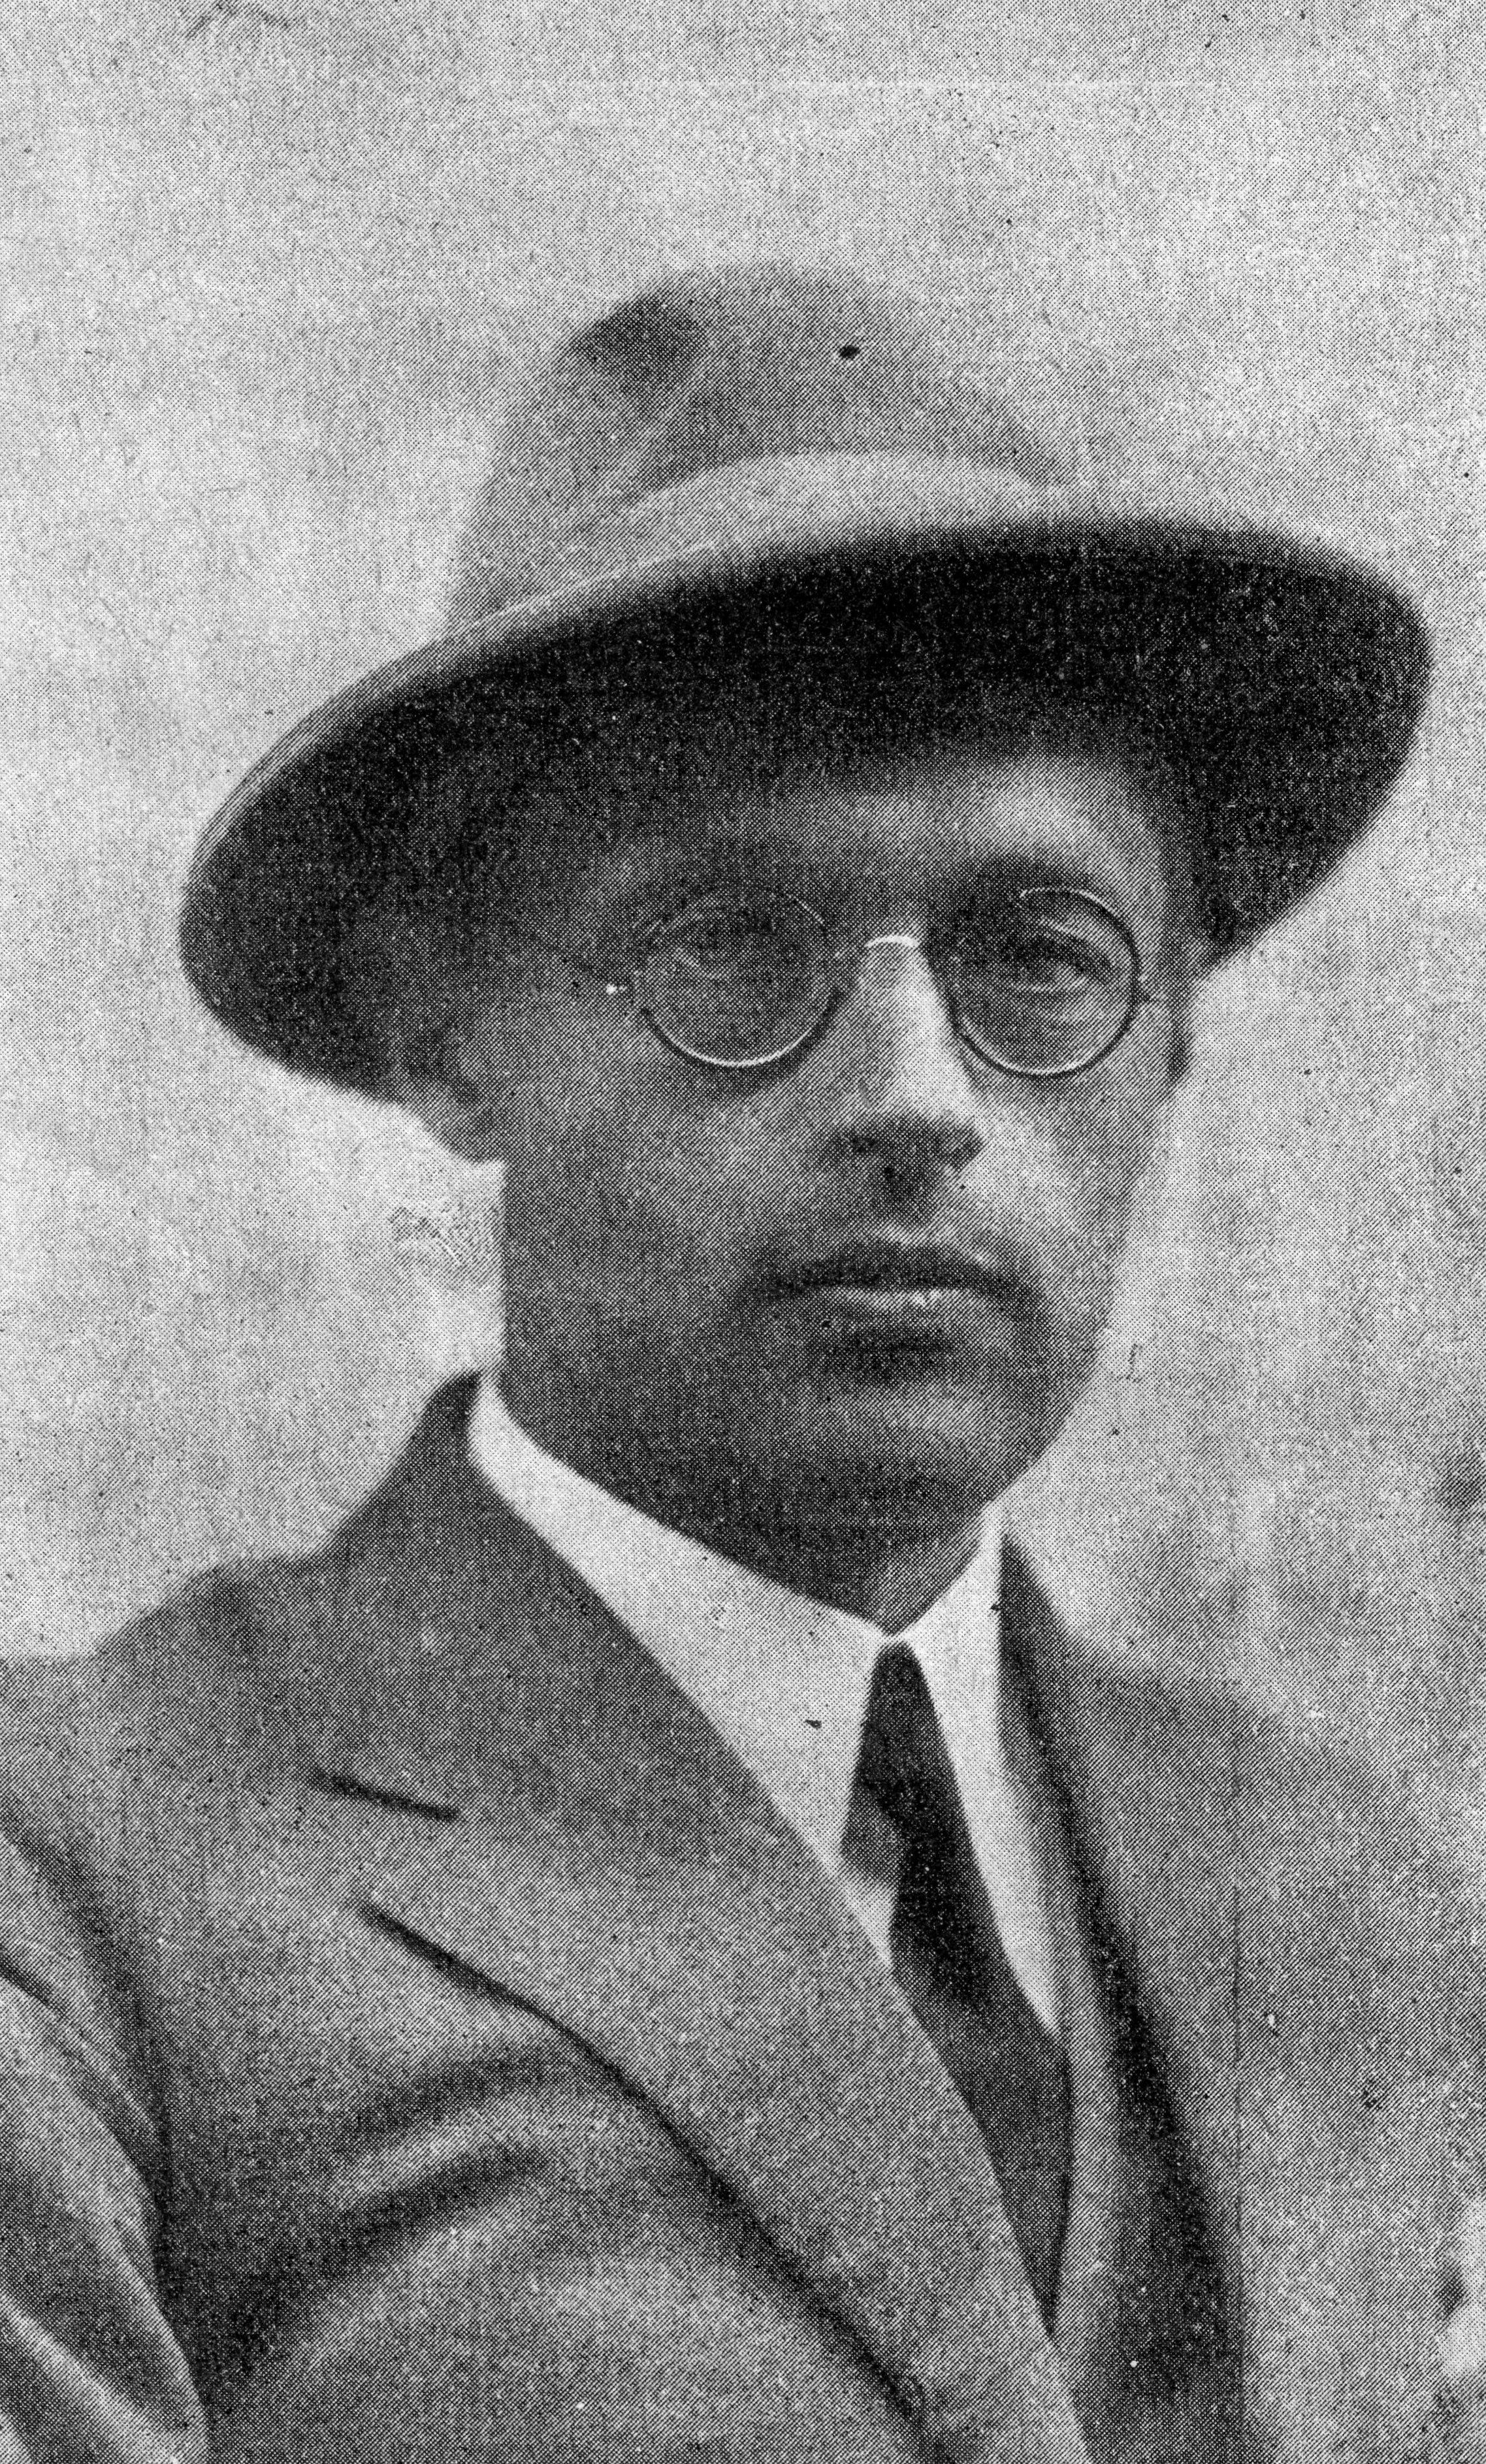 """<div class='inner-box'><div class='close-desc'></div><span class='opis'>Kazimierz Wierzyński. Fotografia pochodzi z """"Wiadomości Literackich"""" (16 stycznia 1938 r., nr 3/742, s. 7) fot. podpisane: Ryś</span><div class='clearfix'></div><span>Шифр  sm00201</span><div class='clearfix'></div><span>© Instytut Literacki</span></div>"""